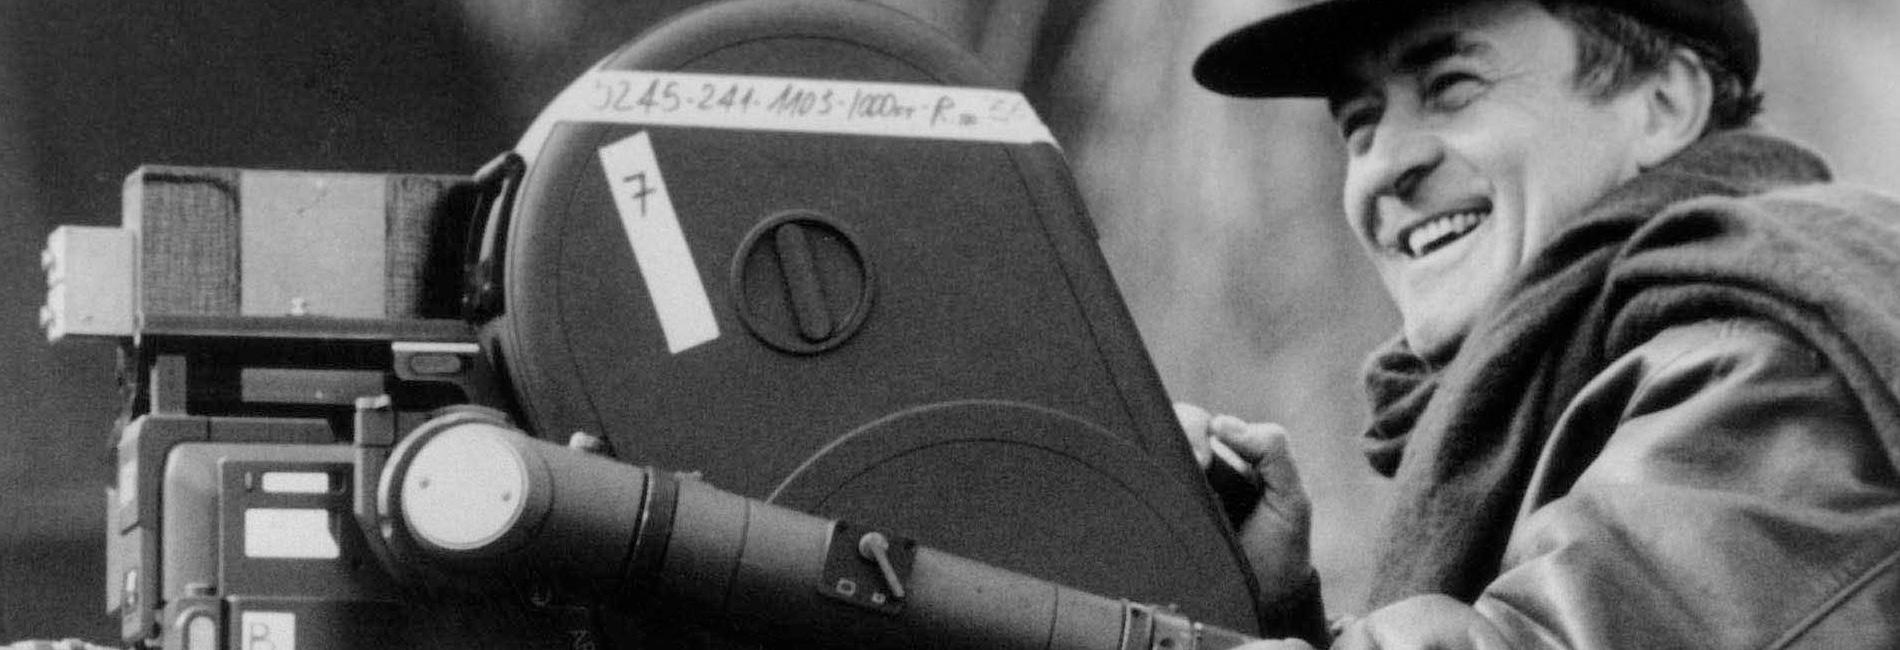 Bertolucci y su tributo al cine